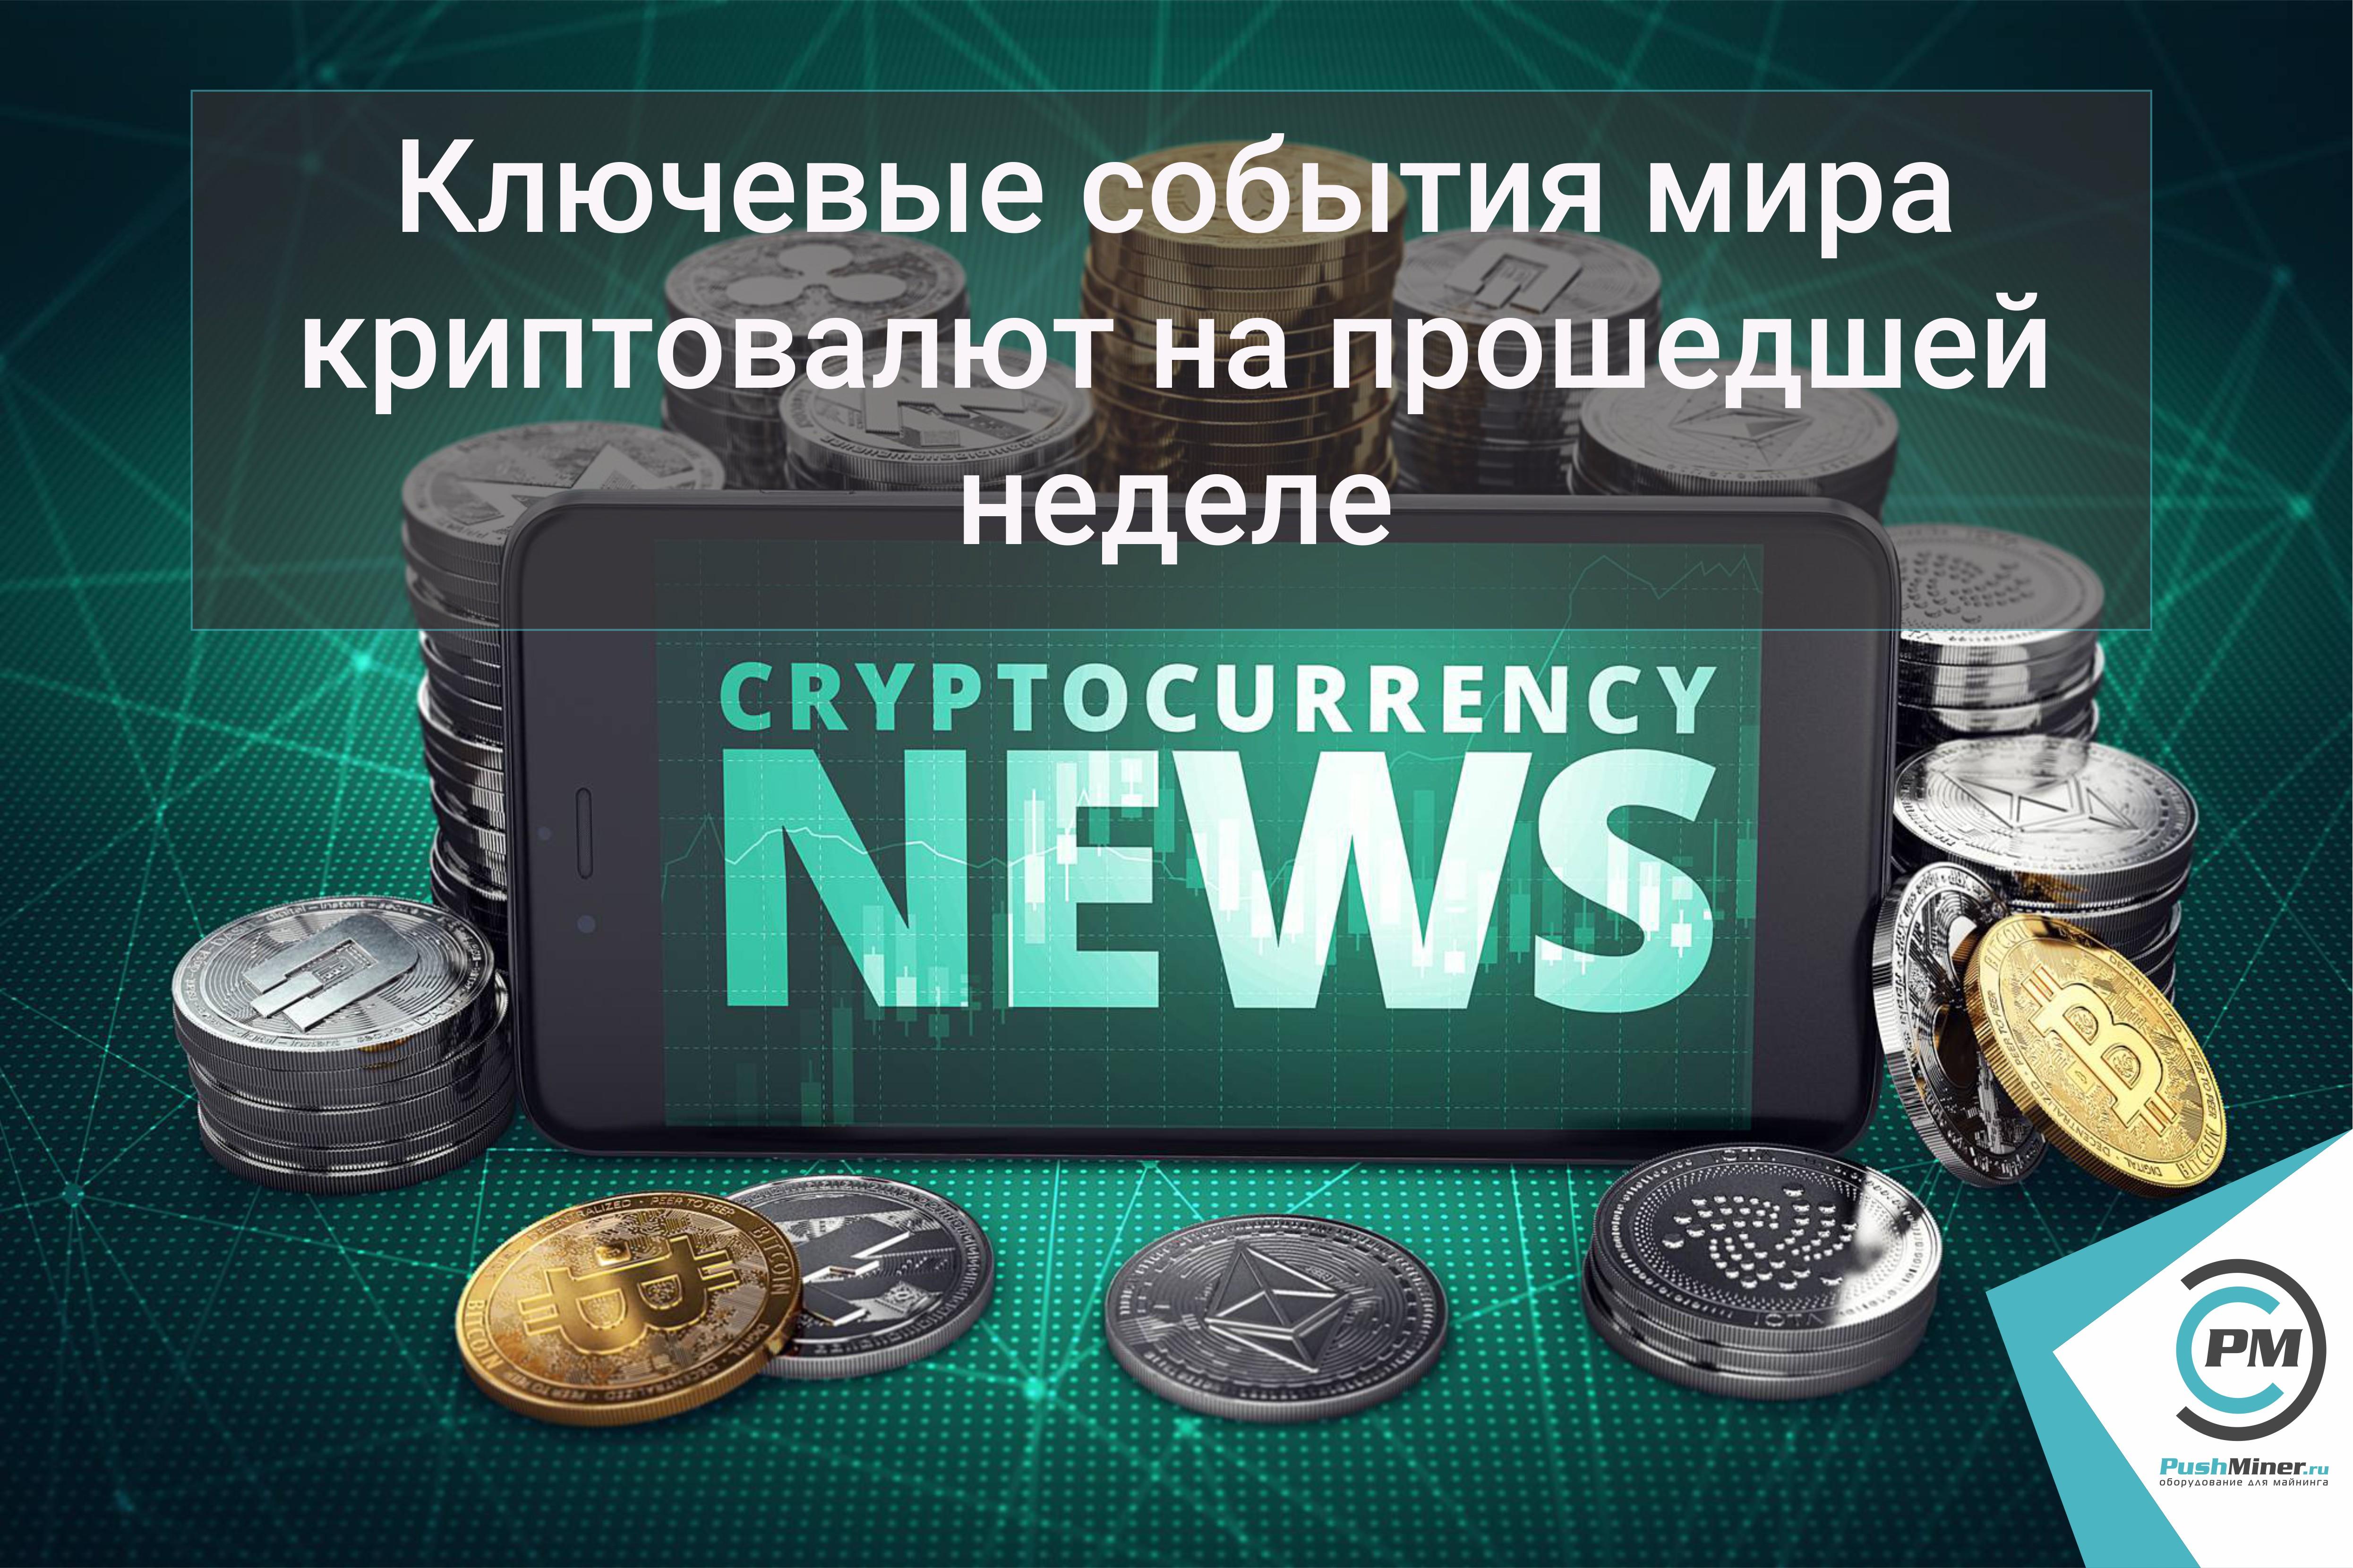 Ключевые события мира криптовалют на прошедшей неделе